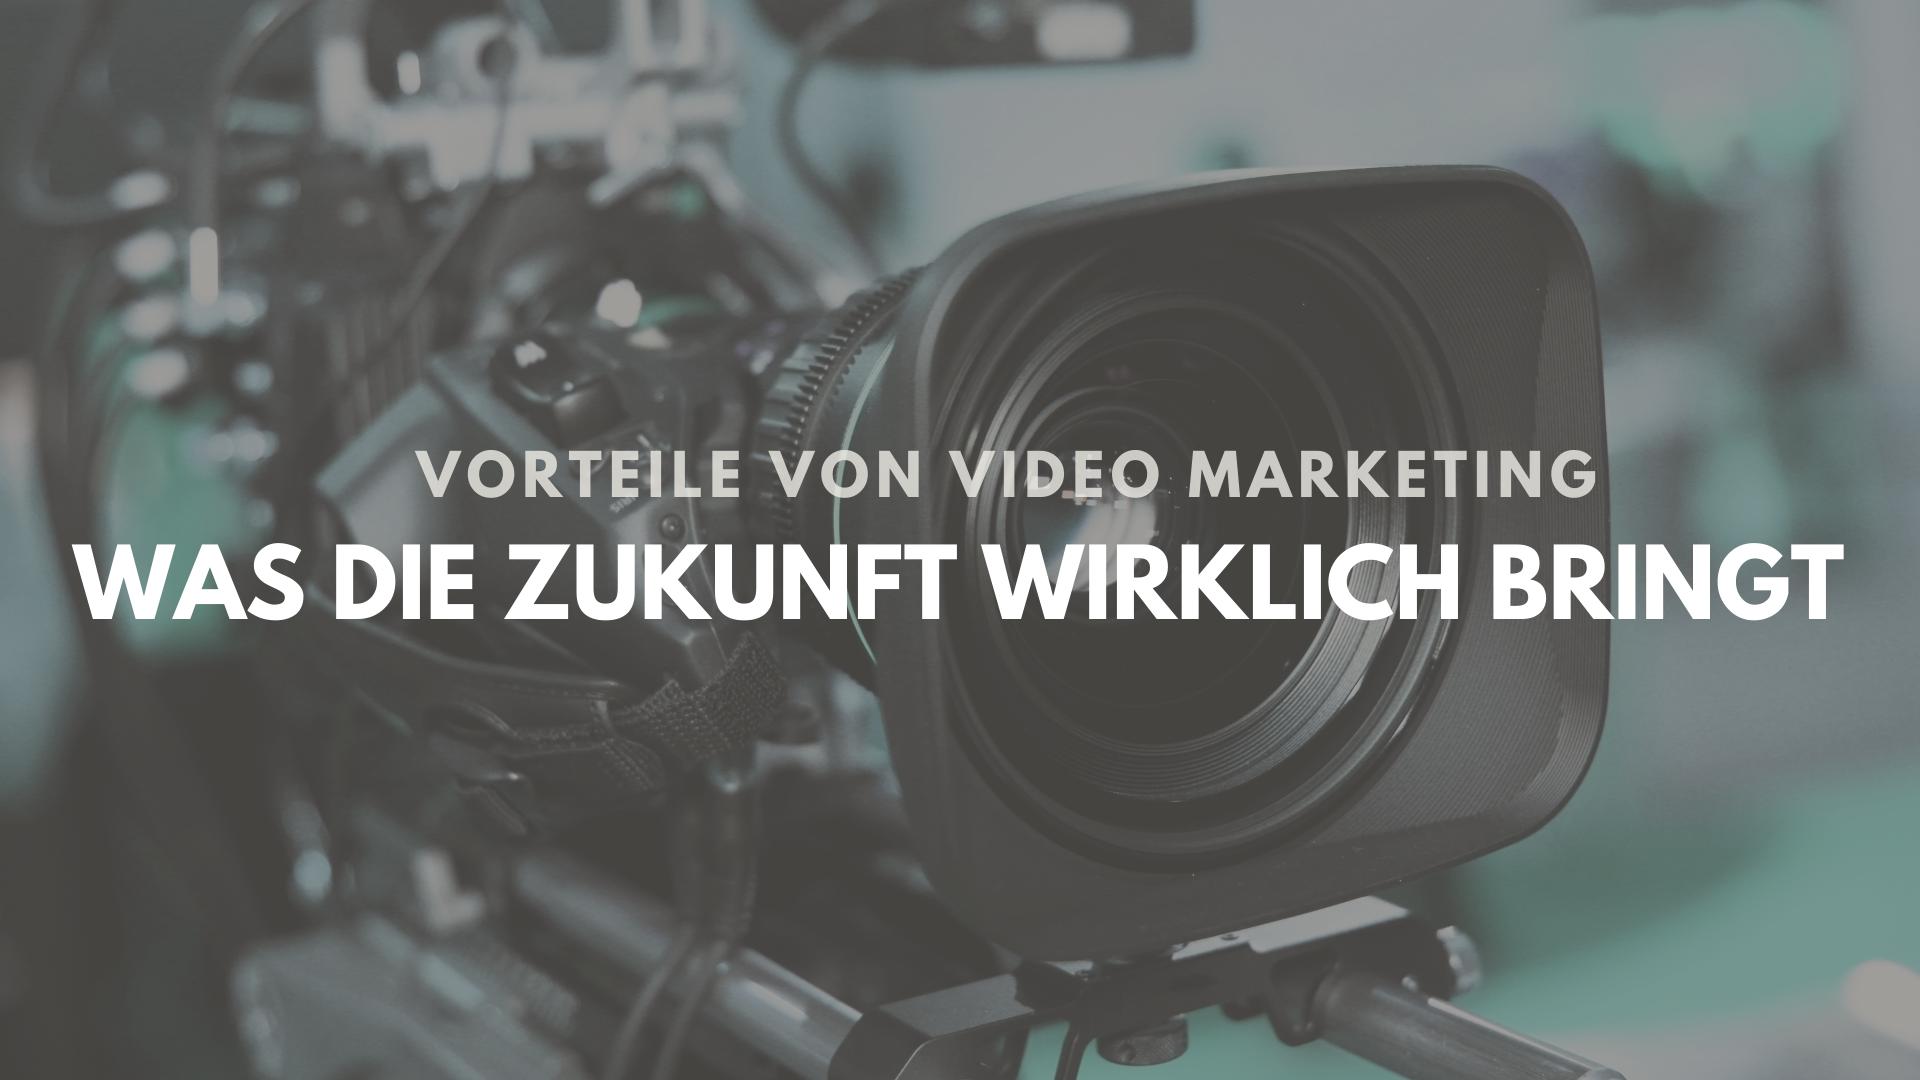 Vorteile von Video Marketing, die Unternehmen die Zukunft sichern